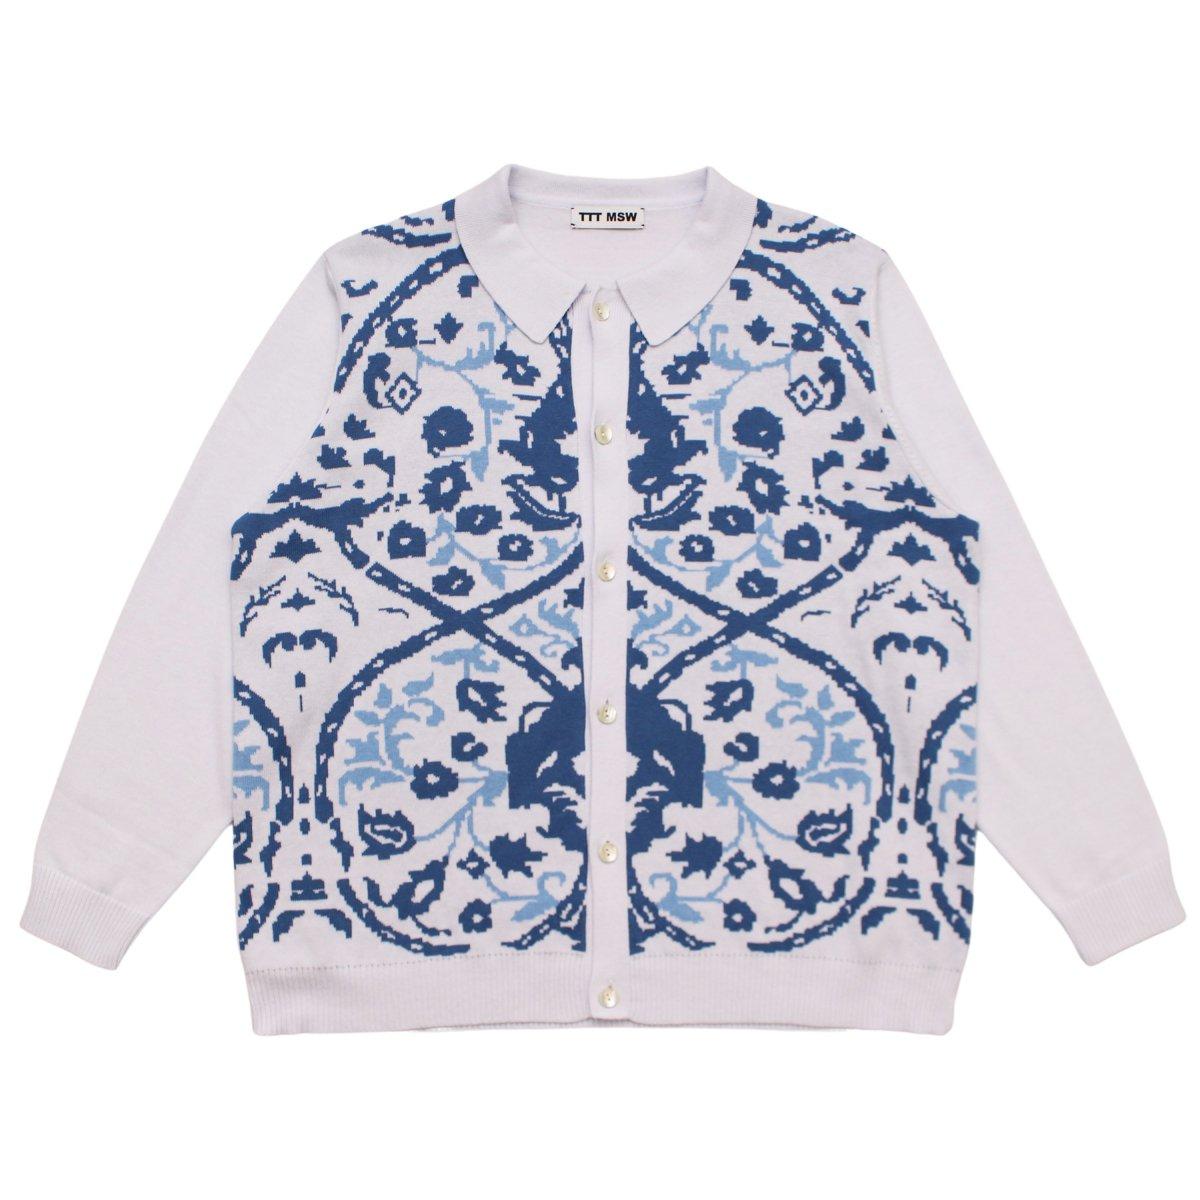 Persia knit polo shirt 【WHITE】